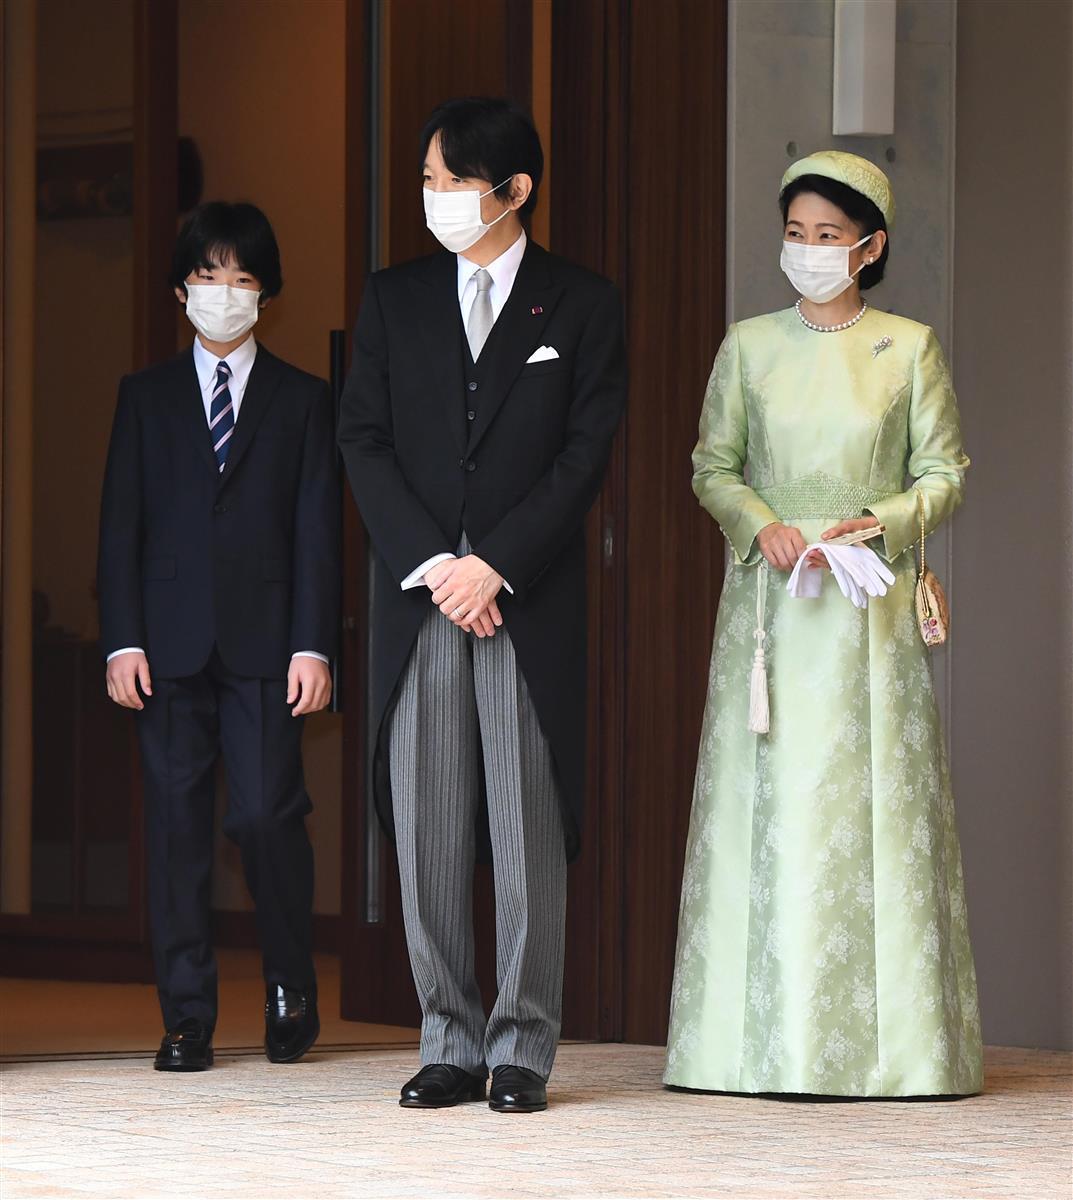 宮邸を出発される秋篠宮ご夫妻と見送られる悠仁さま=8日午前9時17分、東京都港区(代表撮影)